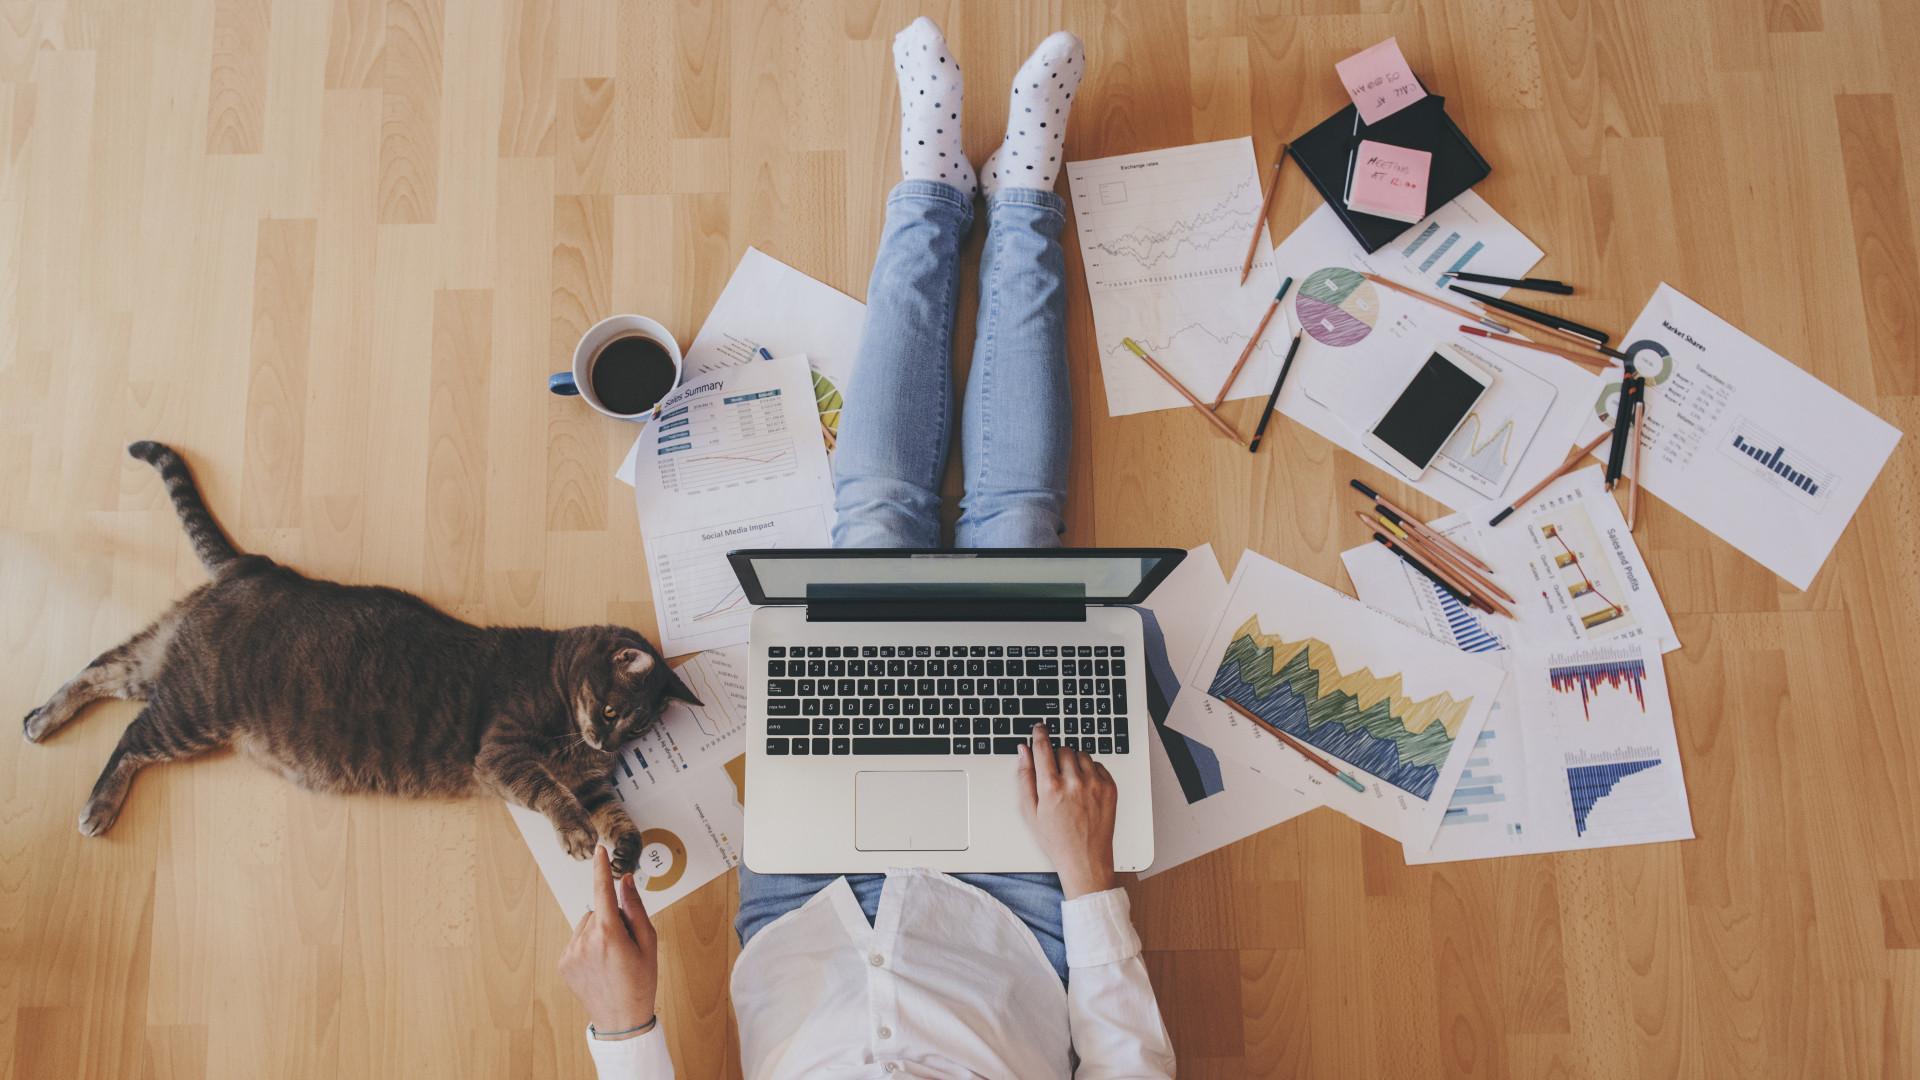 otthoni munkavégzés az interneten keresztül befektetési értékelések nélkül)